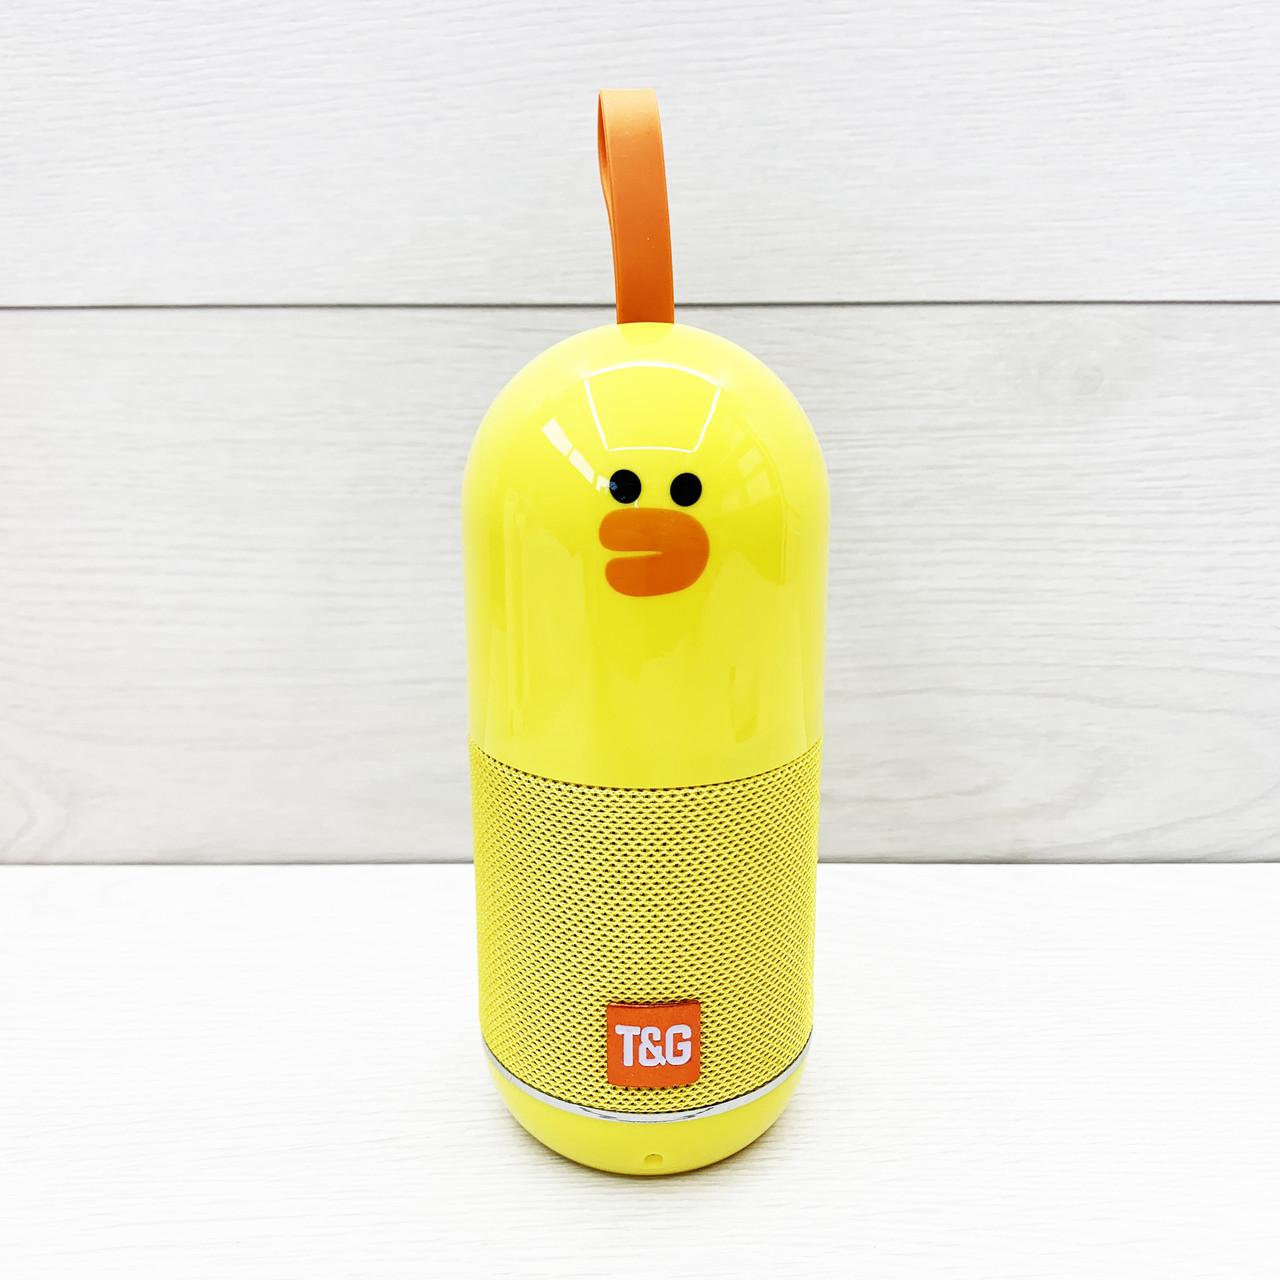 Портативная колонка T&G TG502 (duckling)